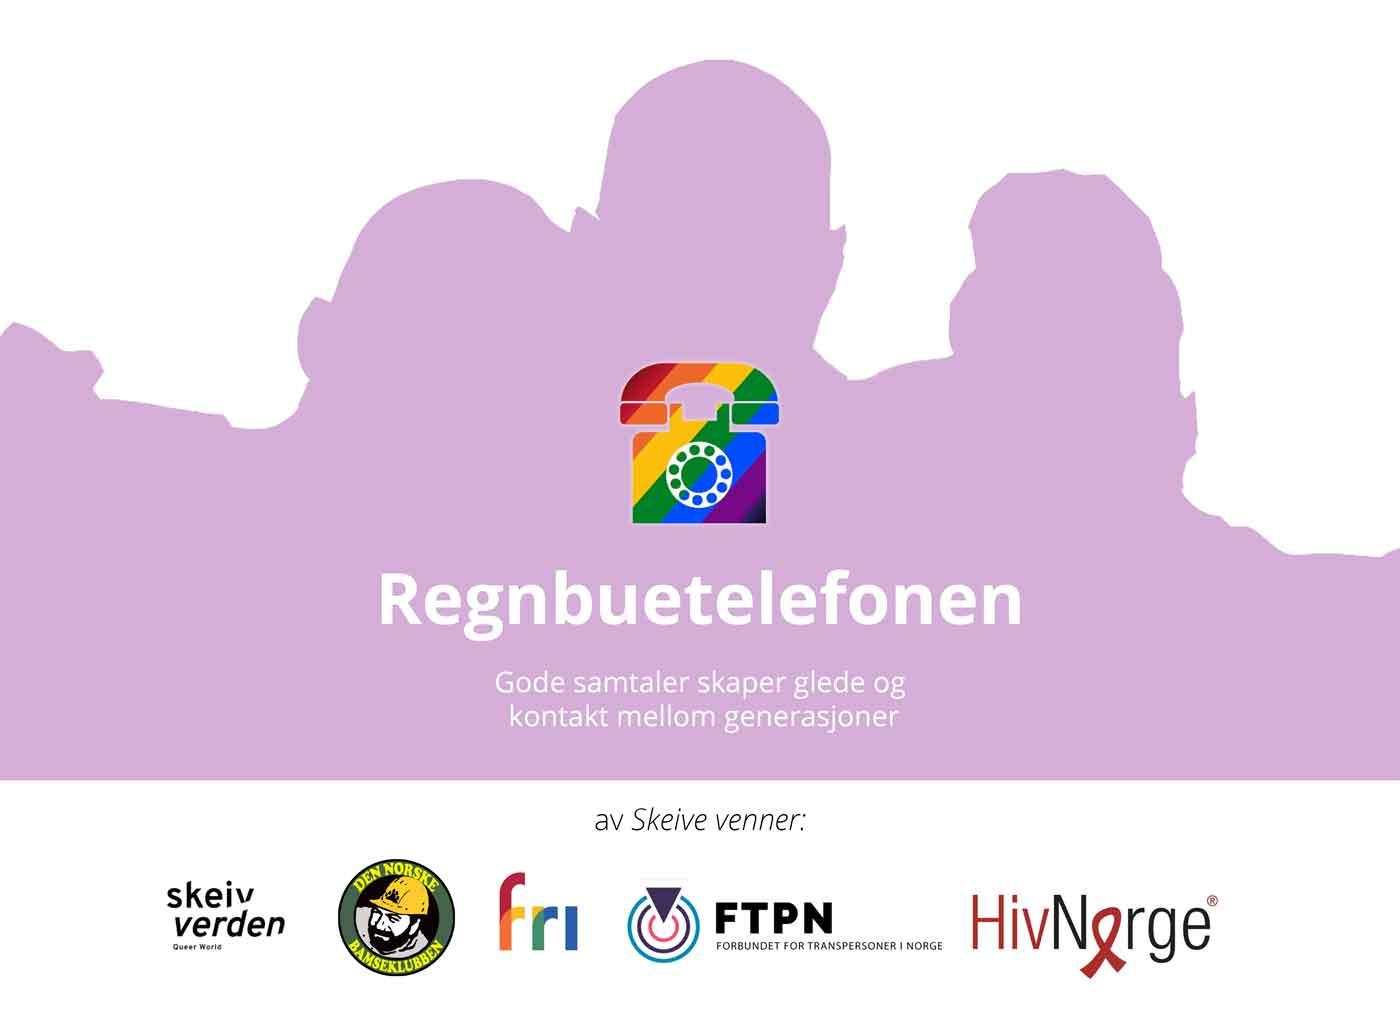 Regnbuetelefonen drives i samarbeid av Skeiv Verden, Forbundet for Transpersoner i Norge, HivNorge, Bamseklubben og FRI